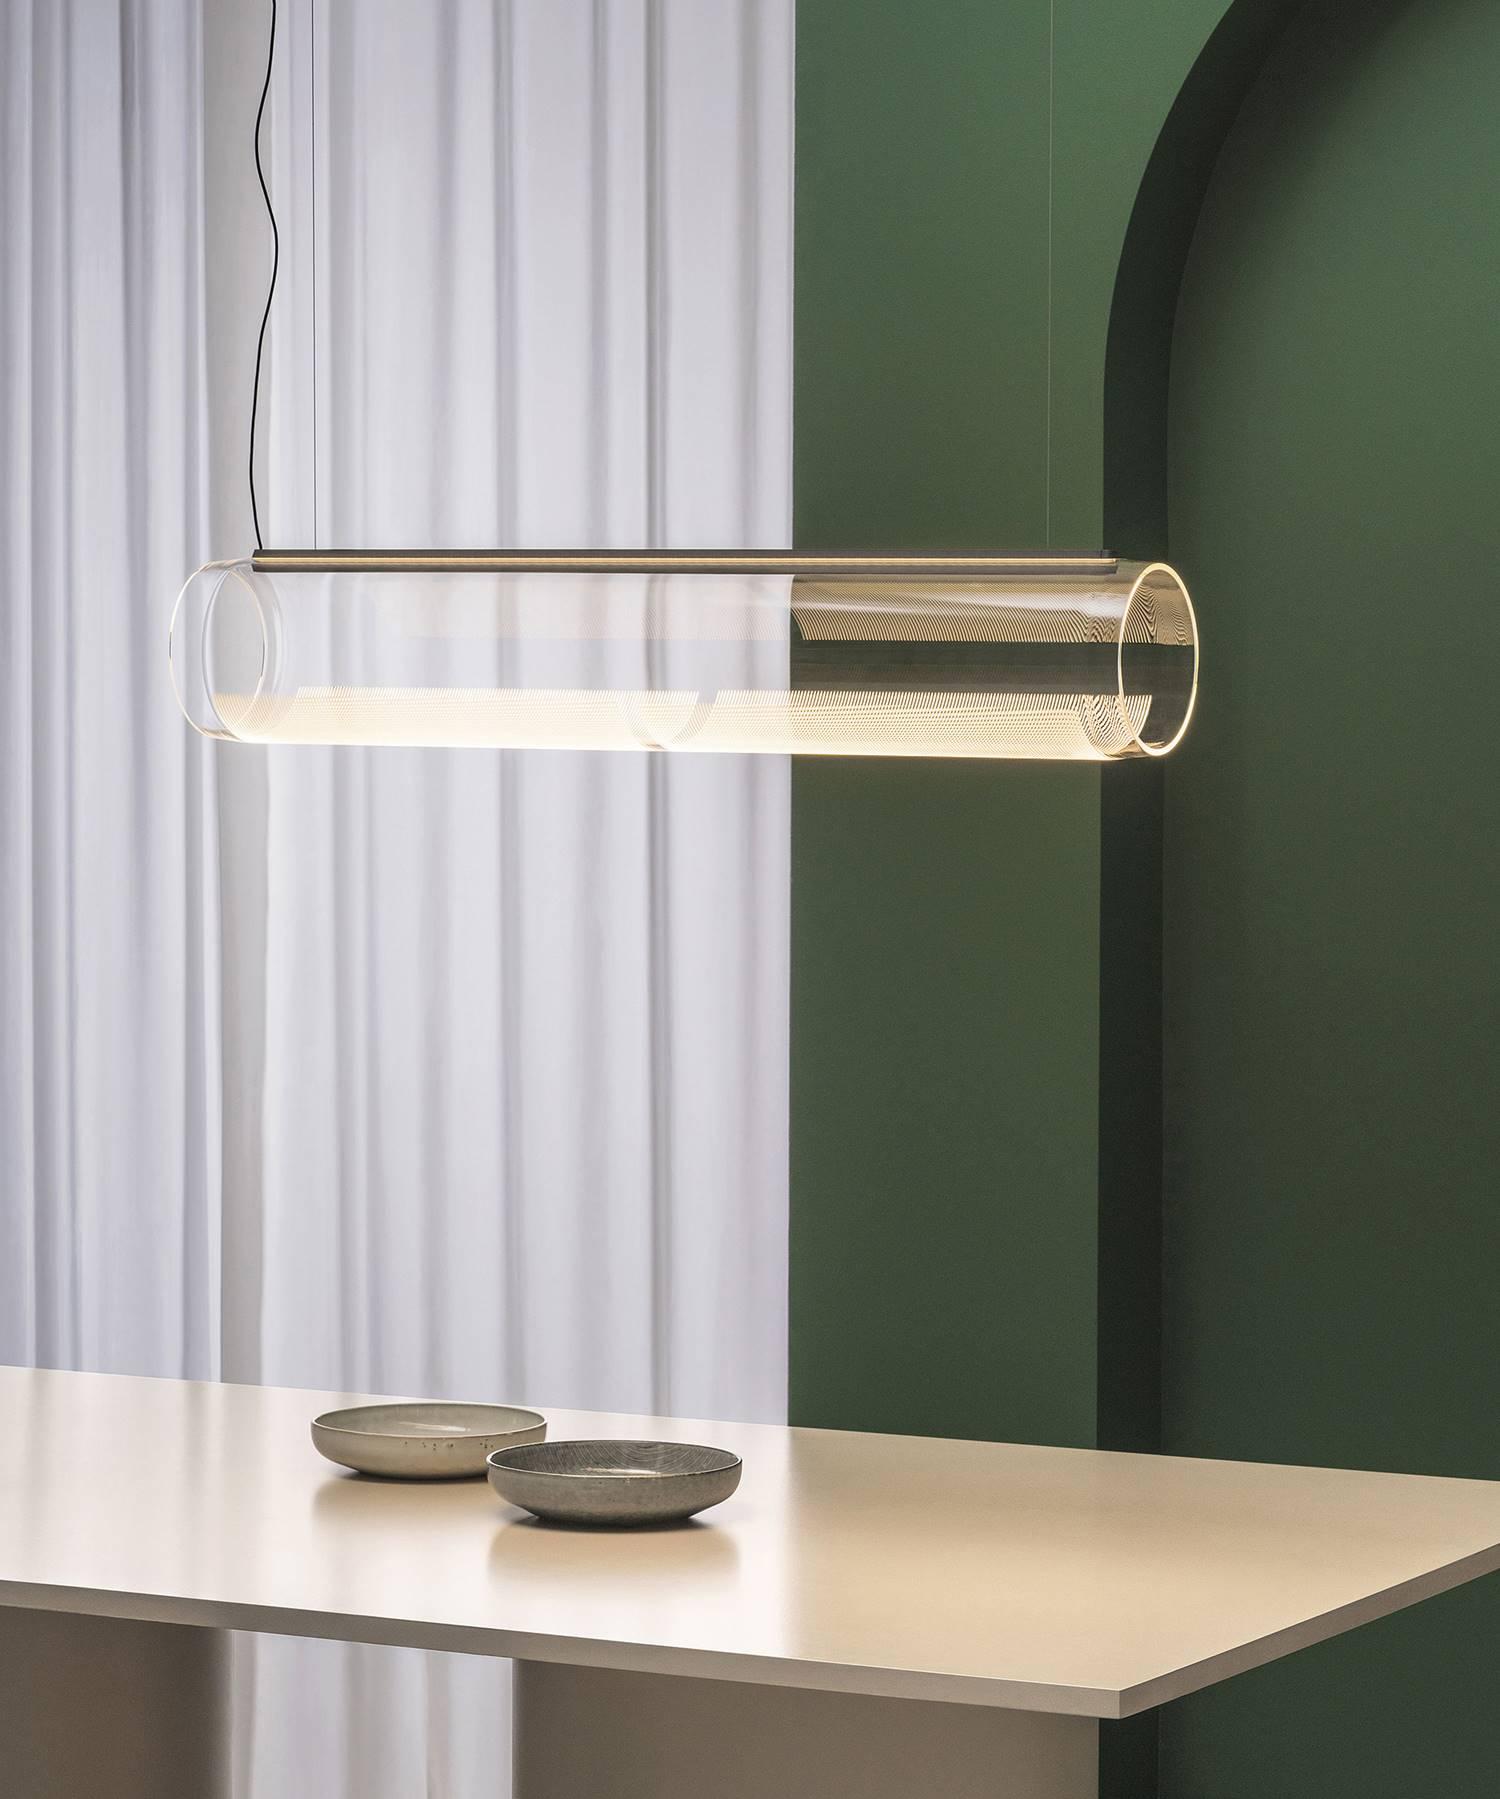 Lámpara LED Guise de Vibia.